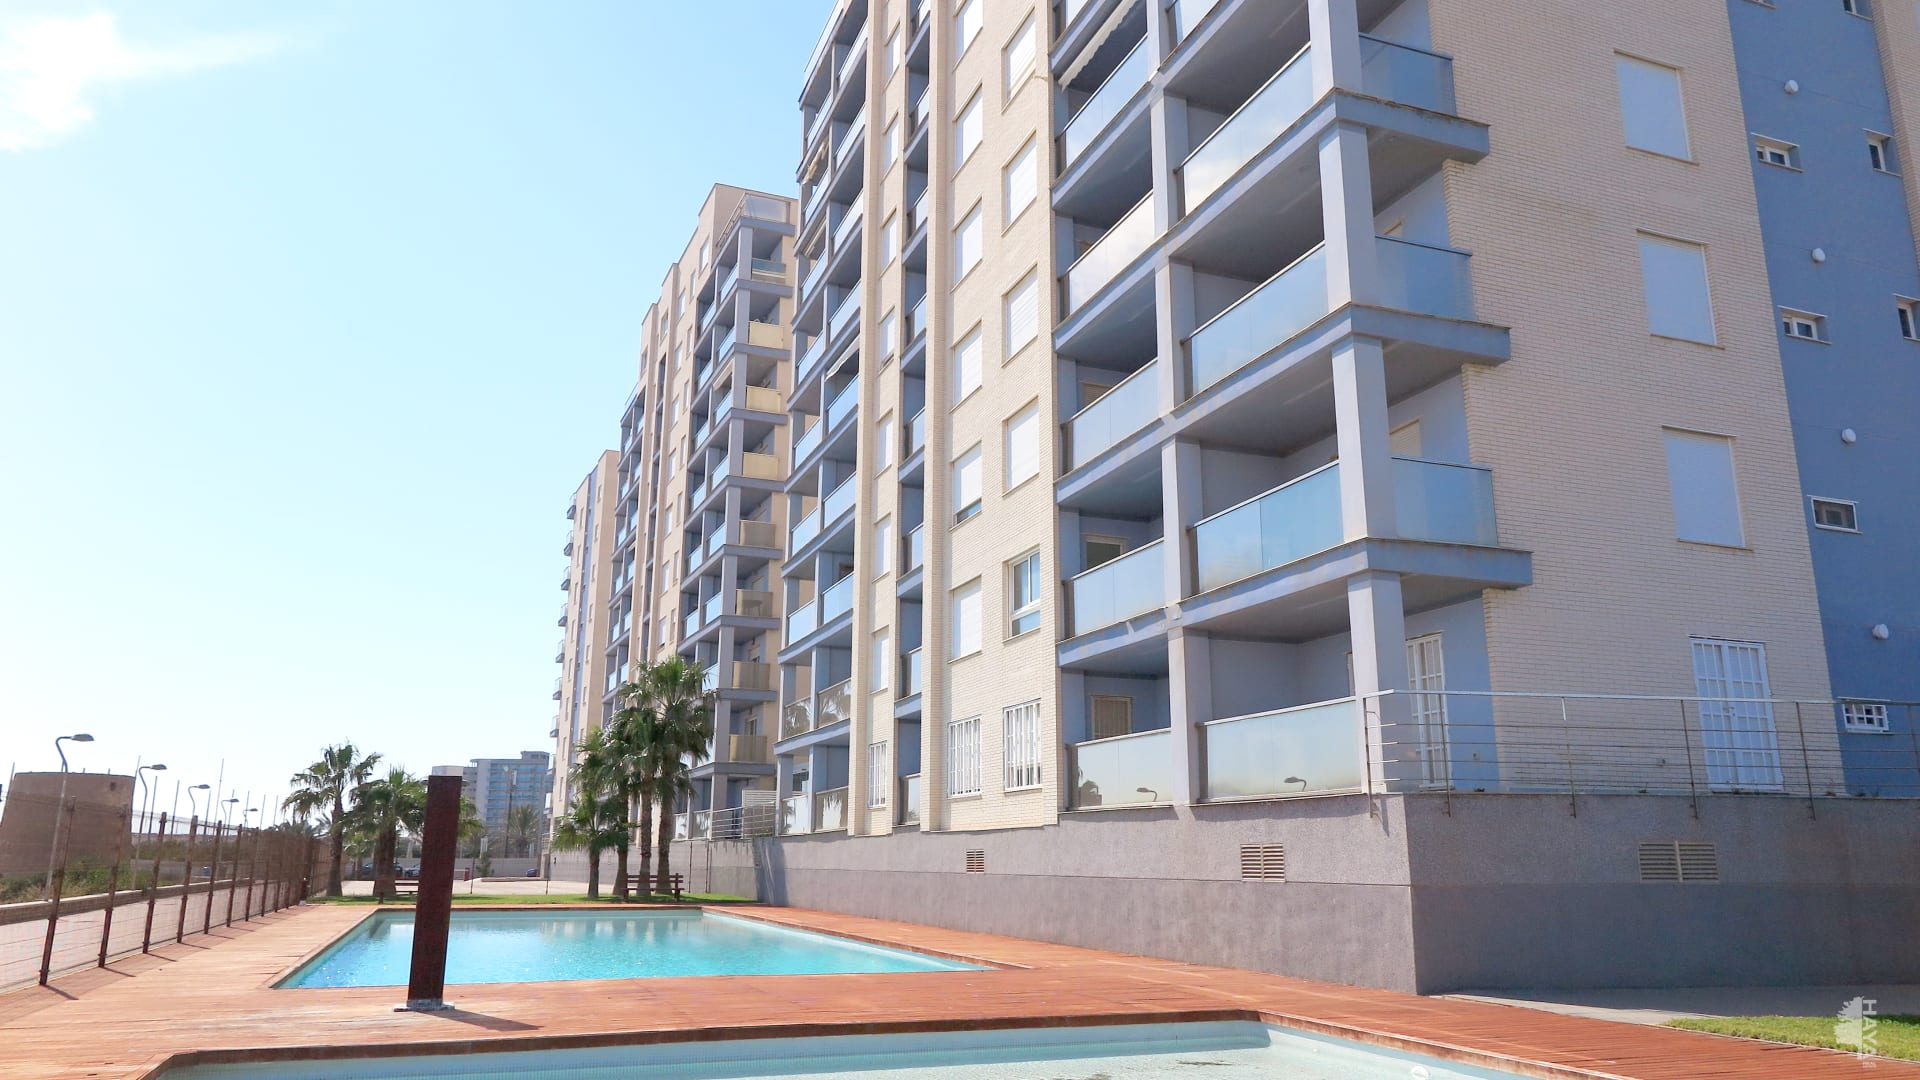 Piso en venta en San Javier, Murcia, Calle Prolongación Pol F. Conj Resid. Veneziola Golf Ii, 115.000 €, 2 habitaciones, 2 baños, 60 m2